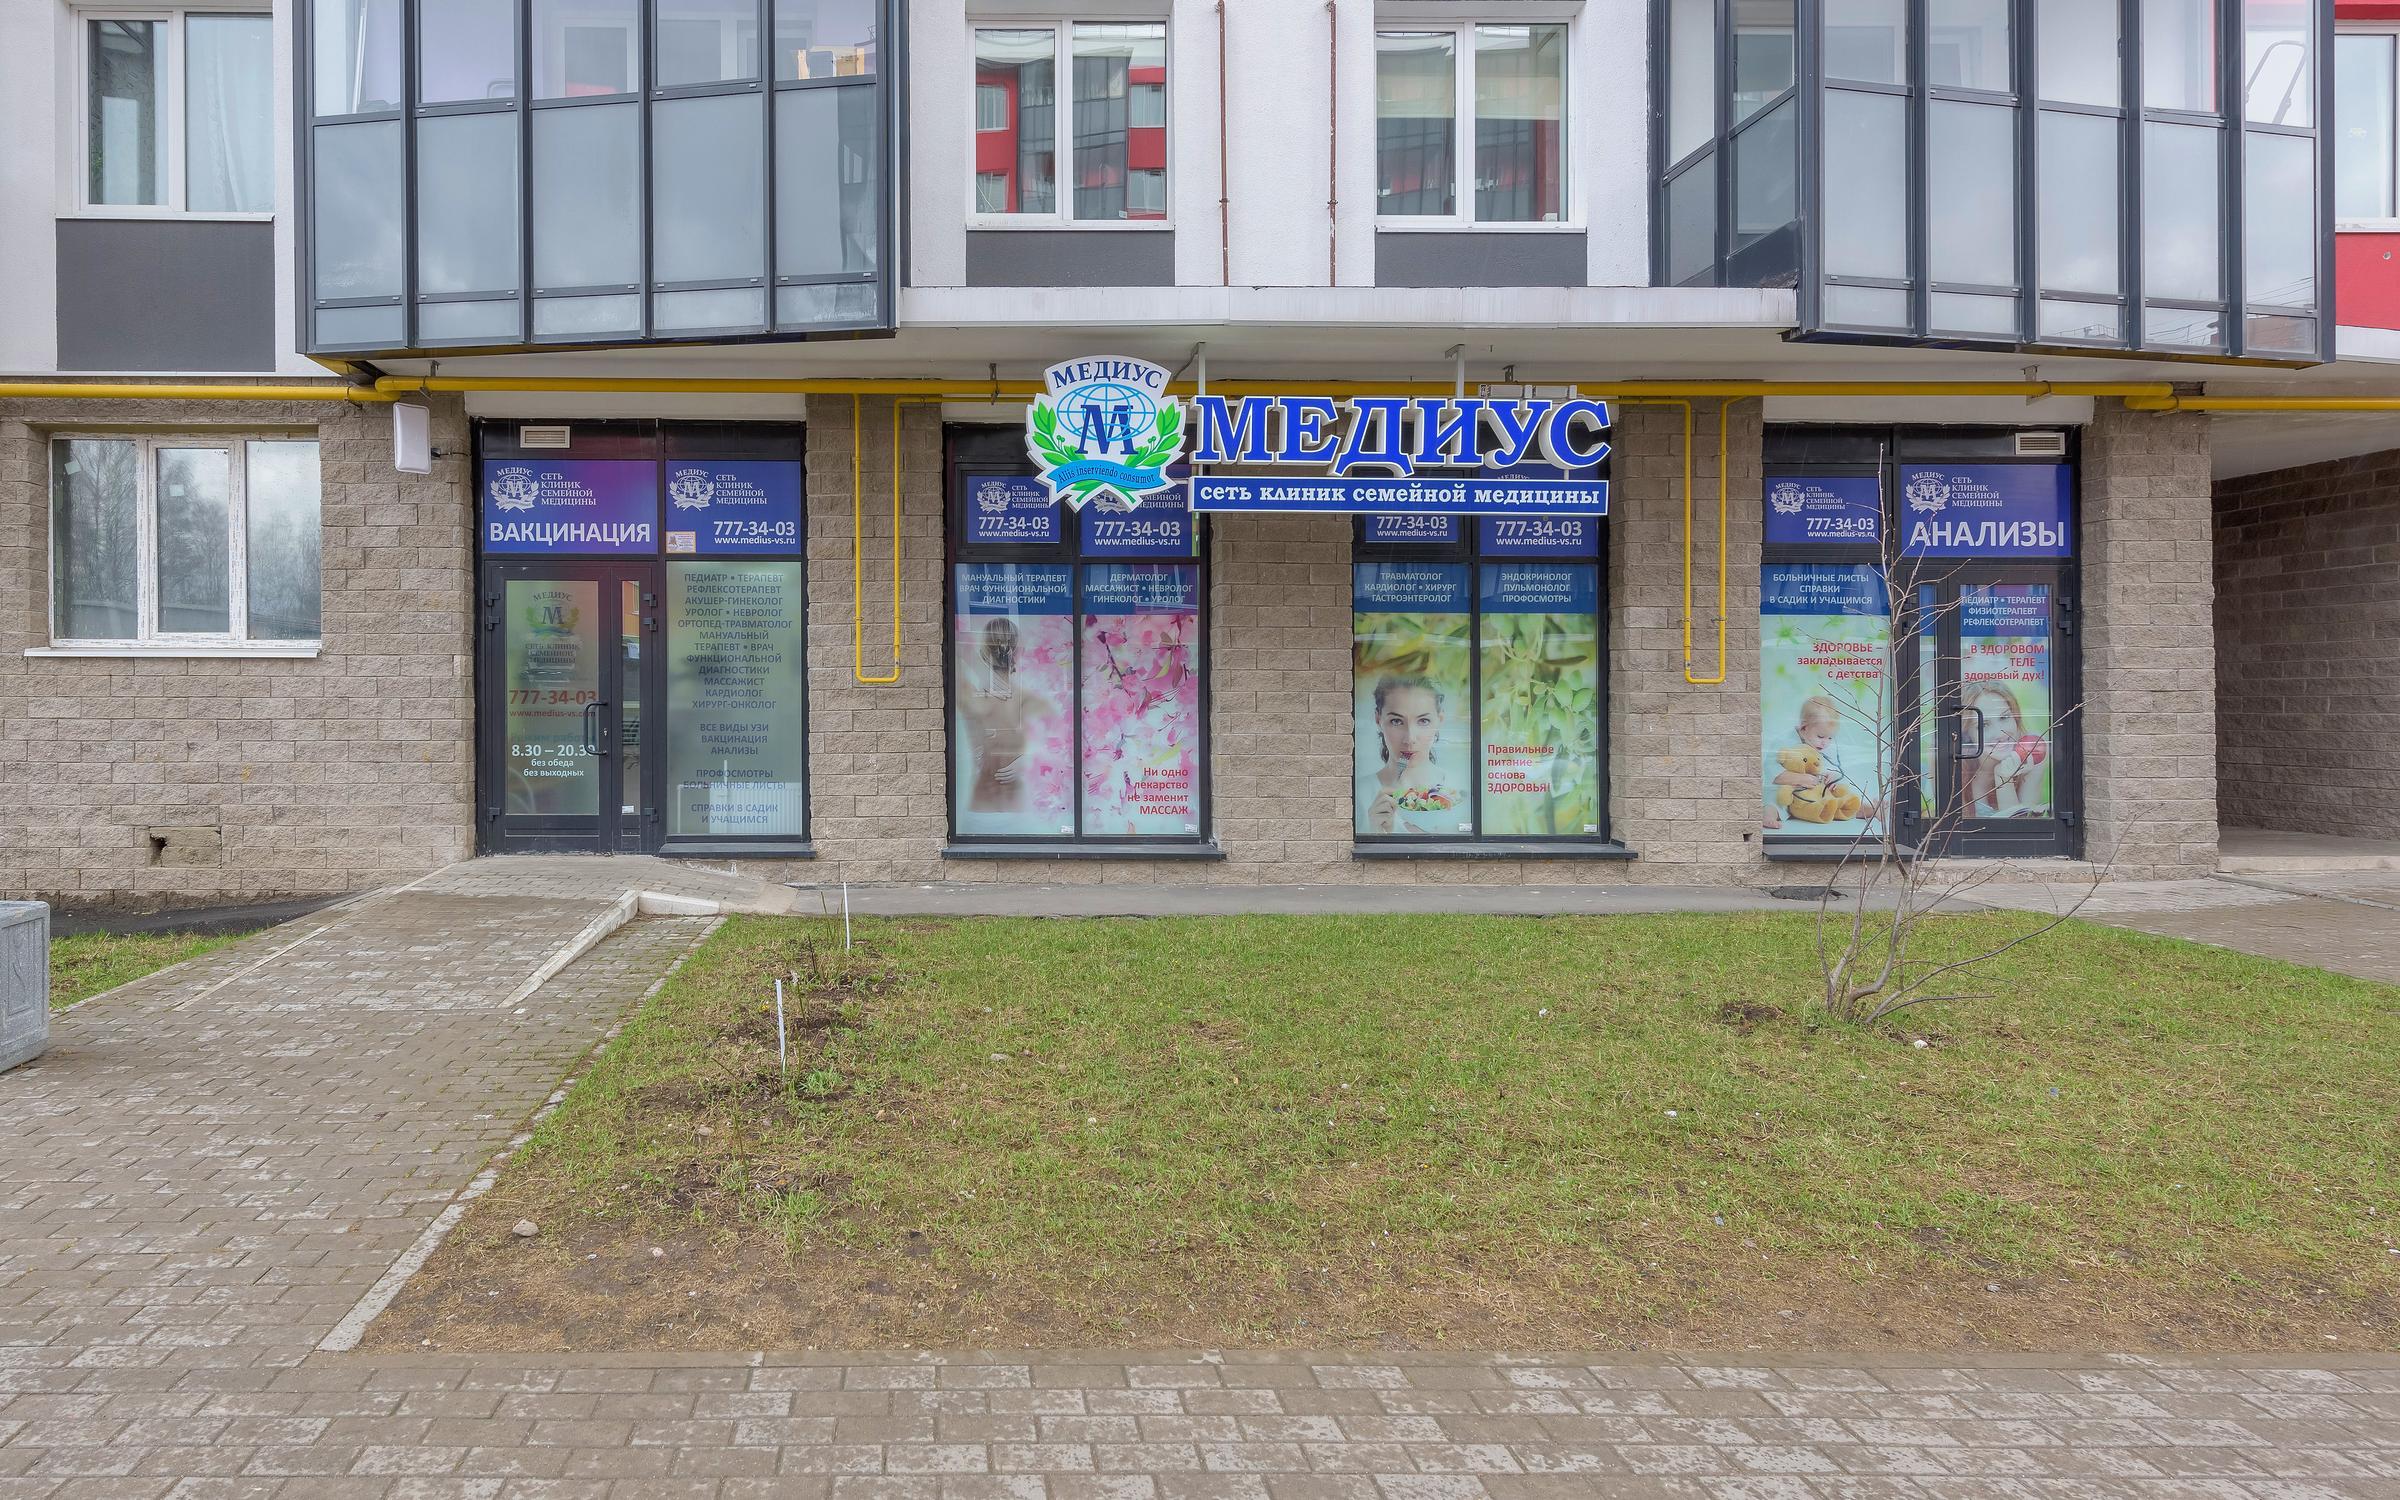 фотография Клиники семейной медицины Медиус на улице Новая в поселке Янино-1